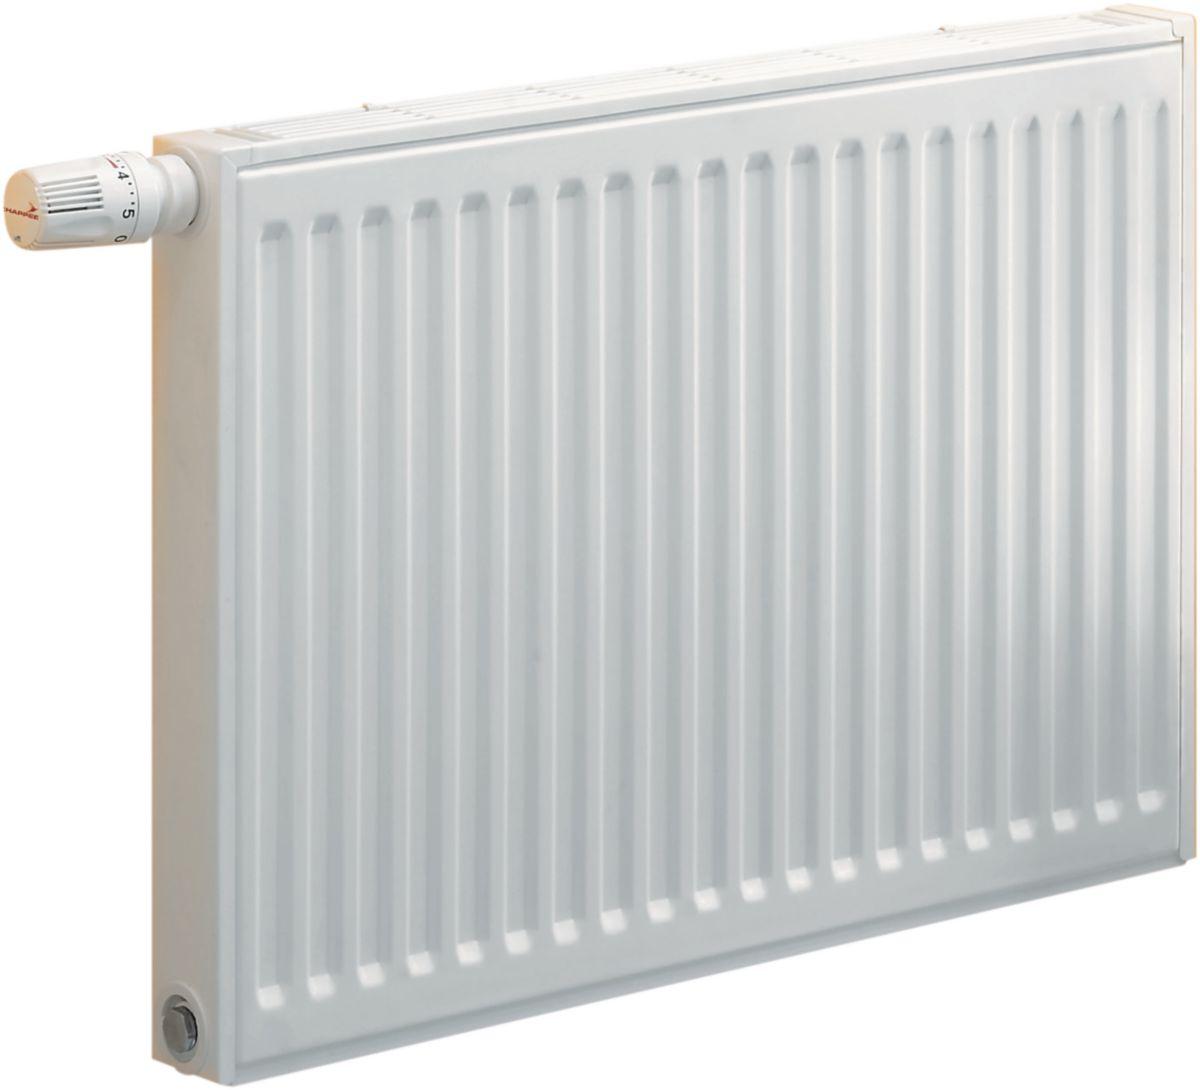 radiateur au gaz de ville excellent simple finest. Black Bedroom Furniture Sets. Home Design Ideas